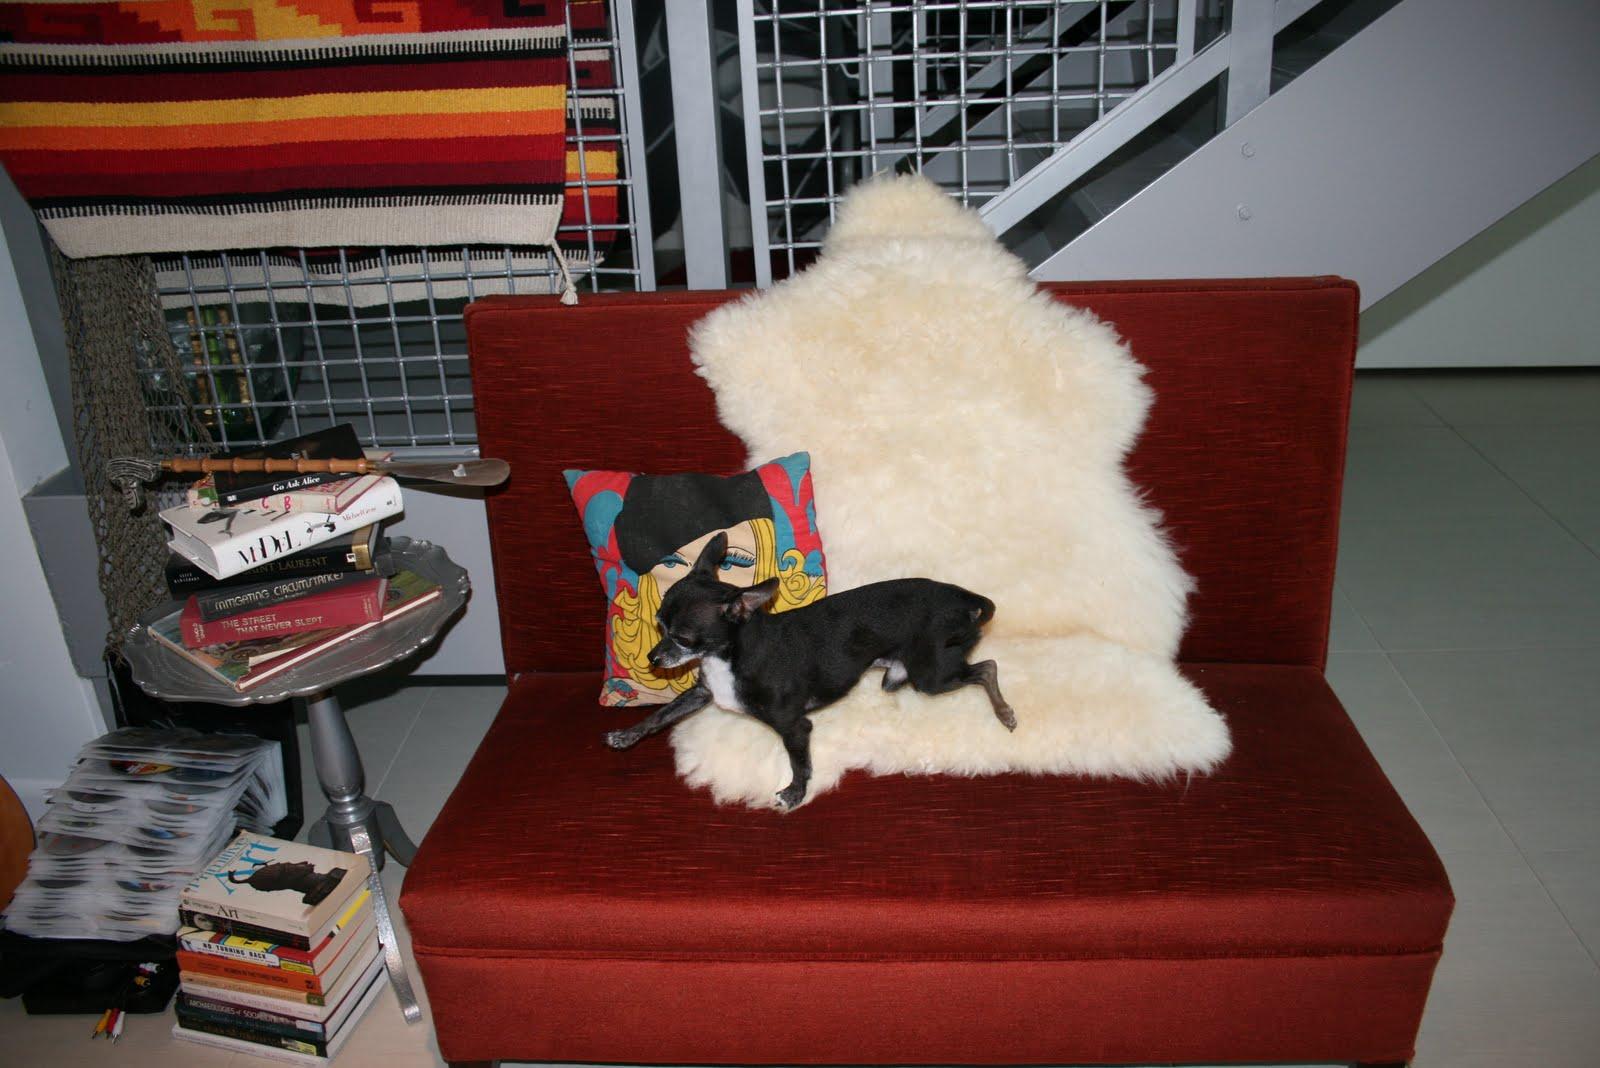 http://2.bp.blogspot.com/__wgTdCCrfeY/TBv61HgkCMI/AAAAAAAAGNw/n0g7y6N9zIE/s1600/Hendler+House+%26+Mouse+073.jpg